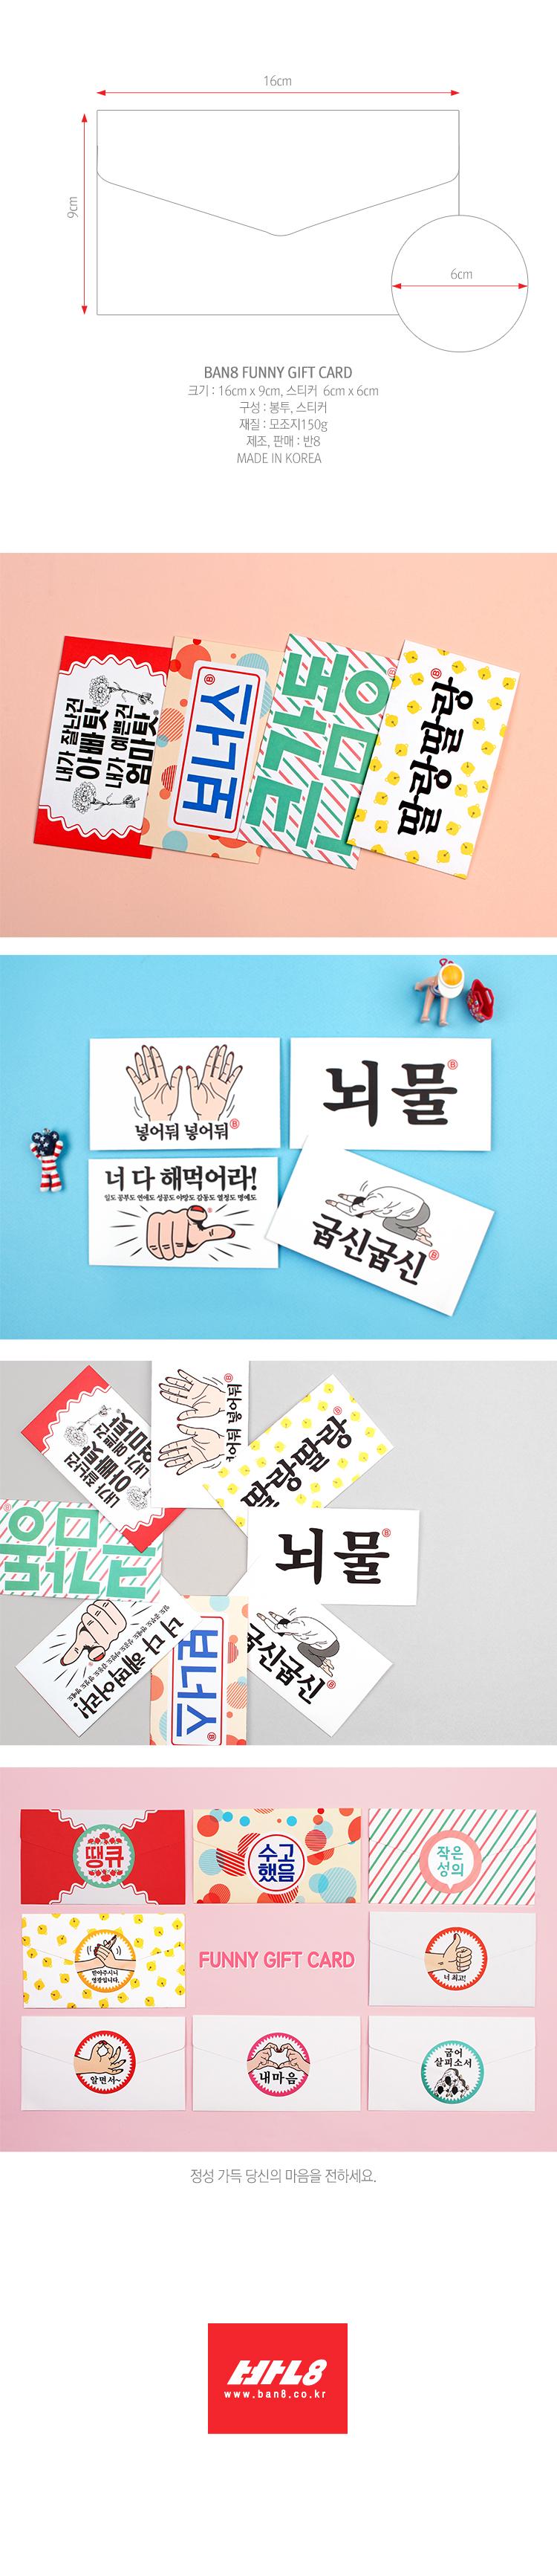 반8 뇌물 봉투카드 - 반8, 1,500원, 카드, 감사 카드